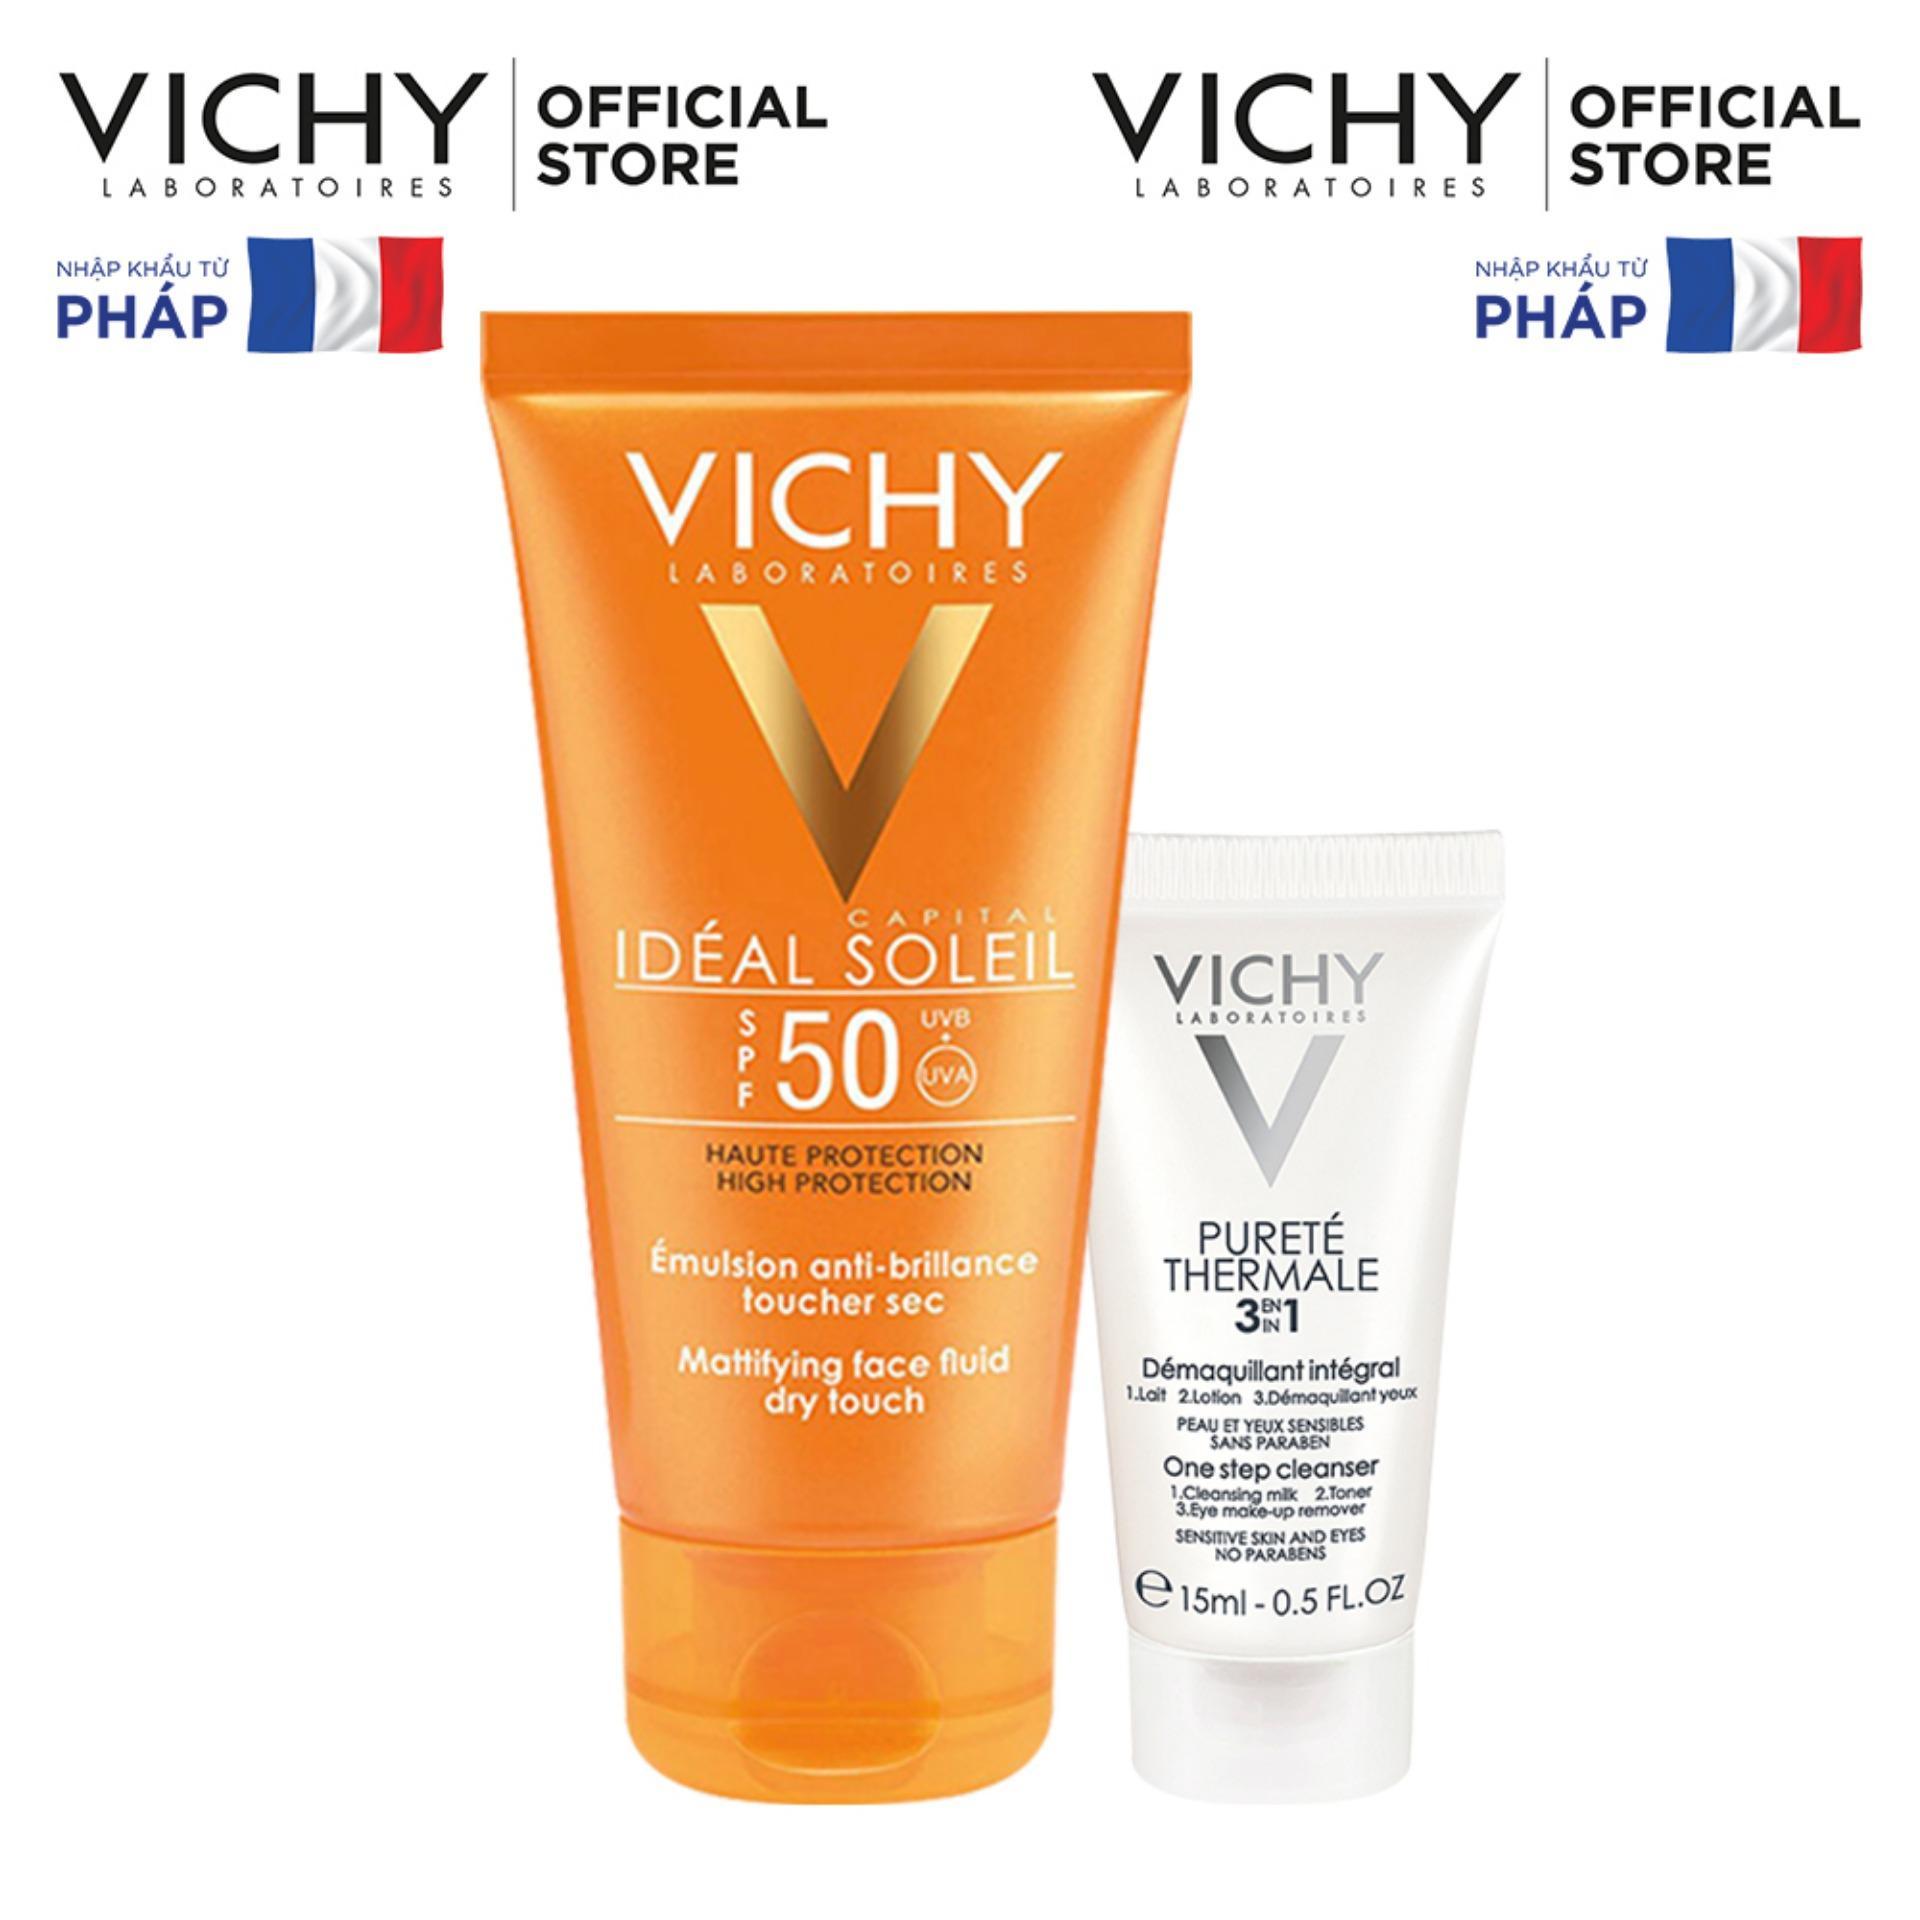 Bộ kem chống nắng không gây nhờn rít Vichy Ideal Soleil Dry touch 50ml & Sữa rửa mặt tẩy trang 3in1 15ml chính hãng